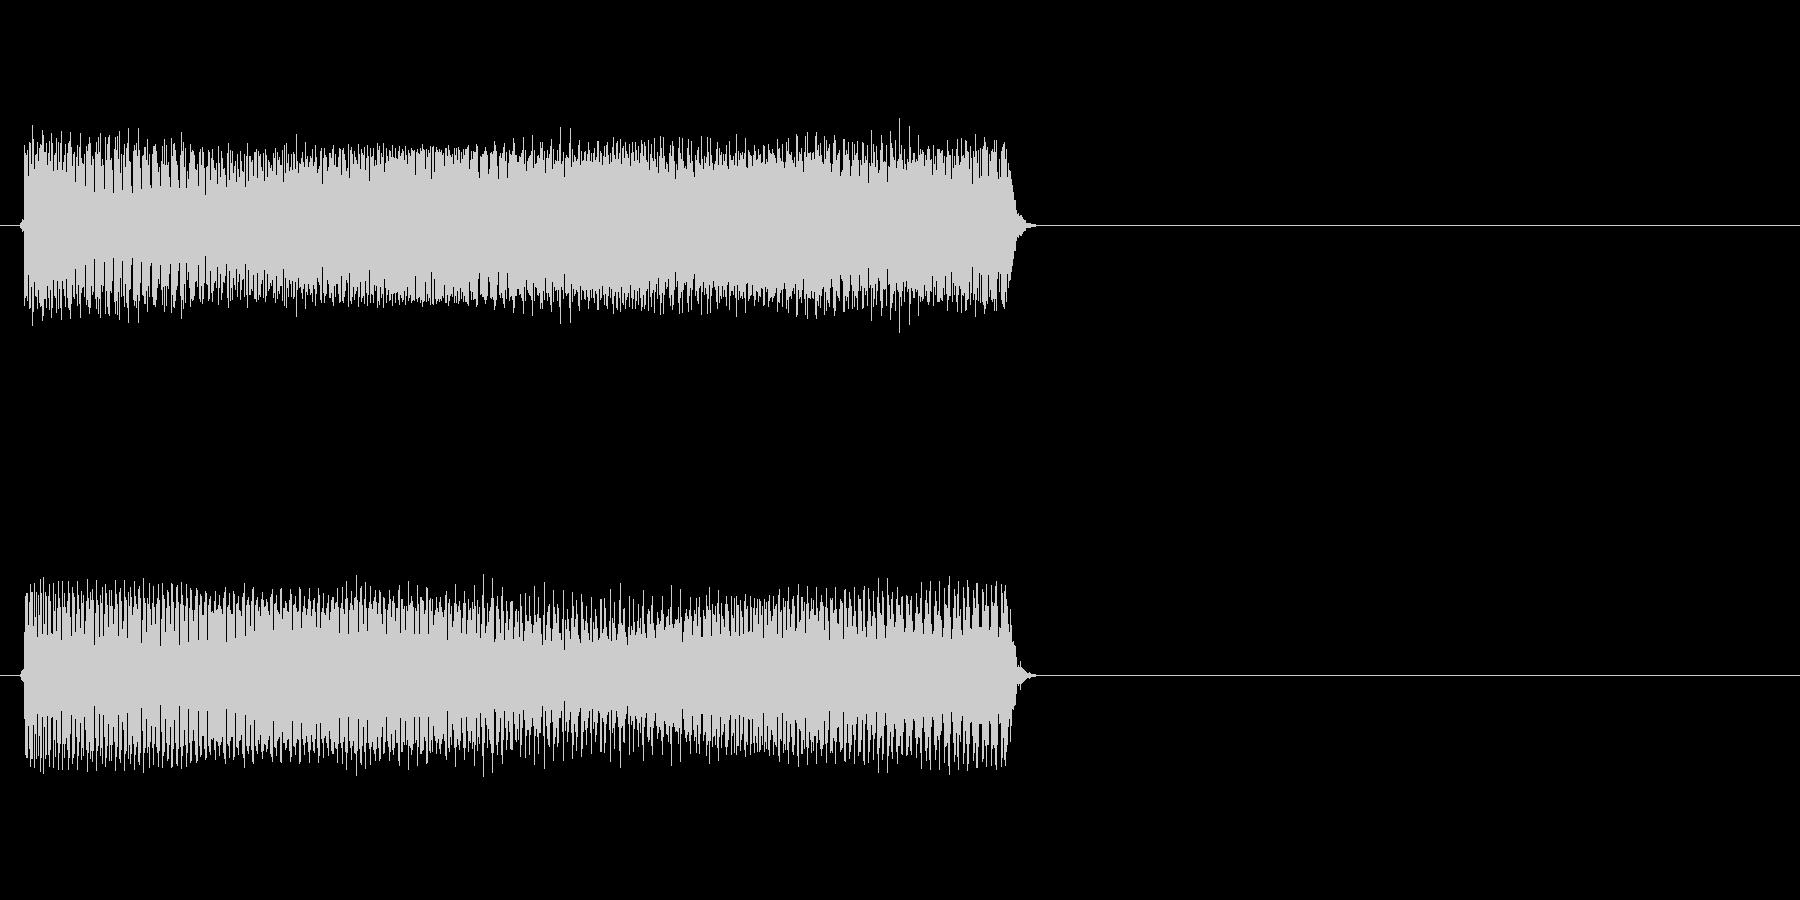 【ブー/ビー】というブザー音や不正解音の未再生の波形